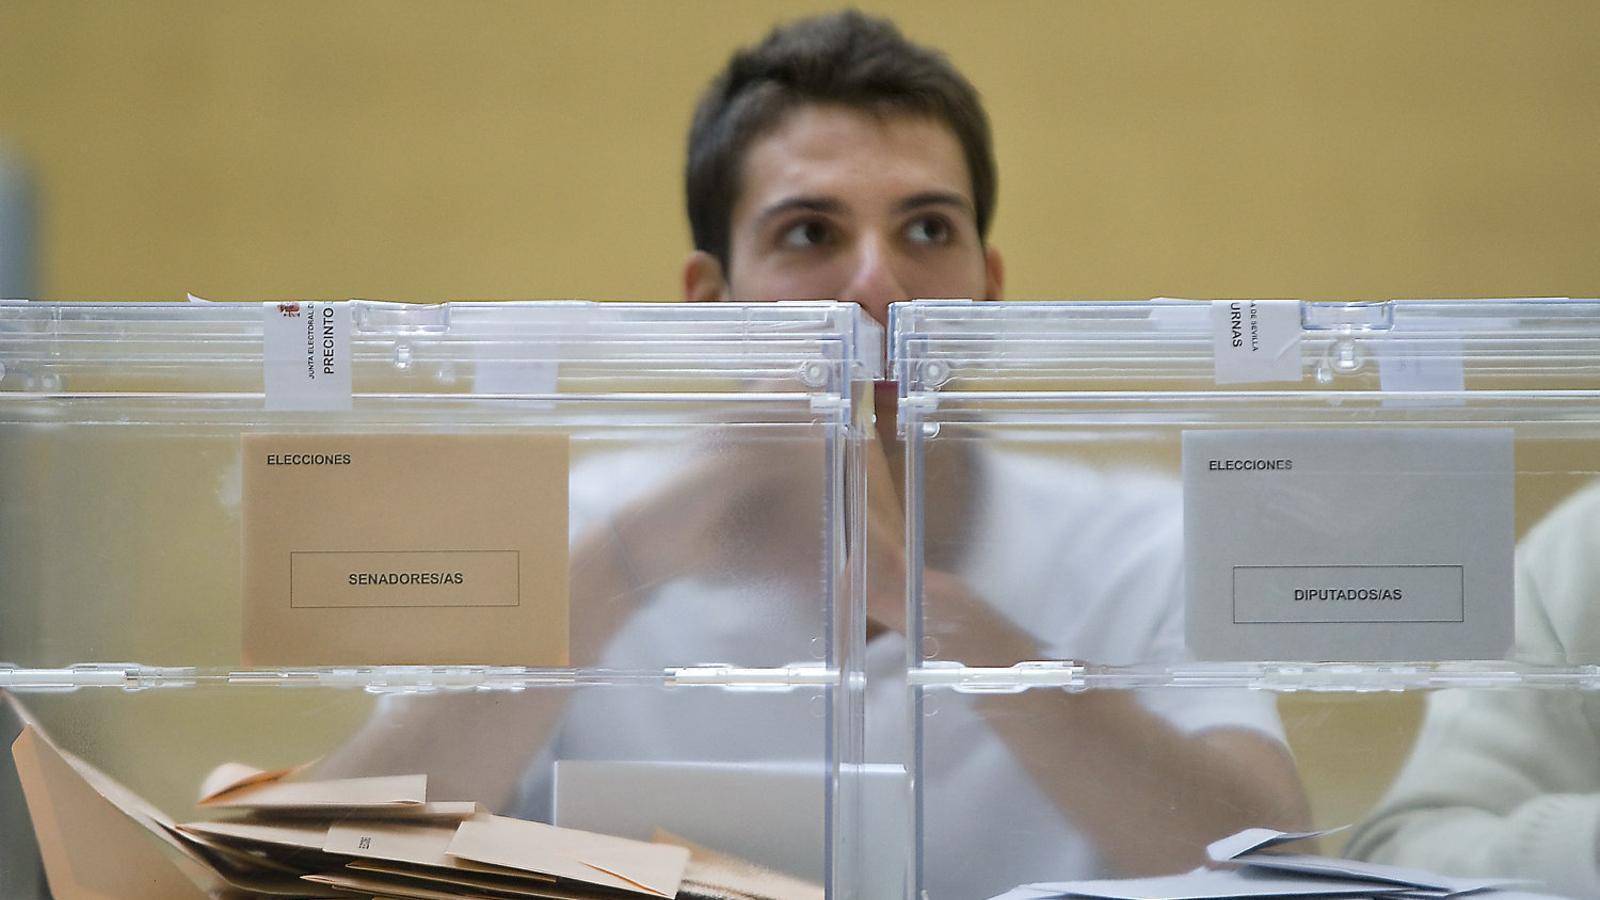 Andalusia disposa de les seves pròpies urnes des de l'any 2000. A la imatge, una mesa electoral a Sevilla durant unes eleccions espanyoles.